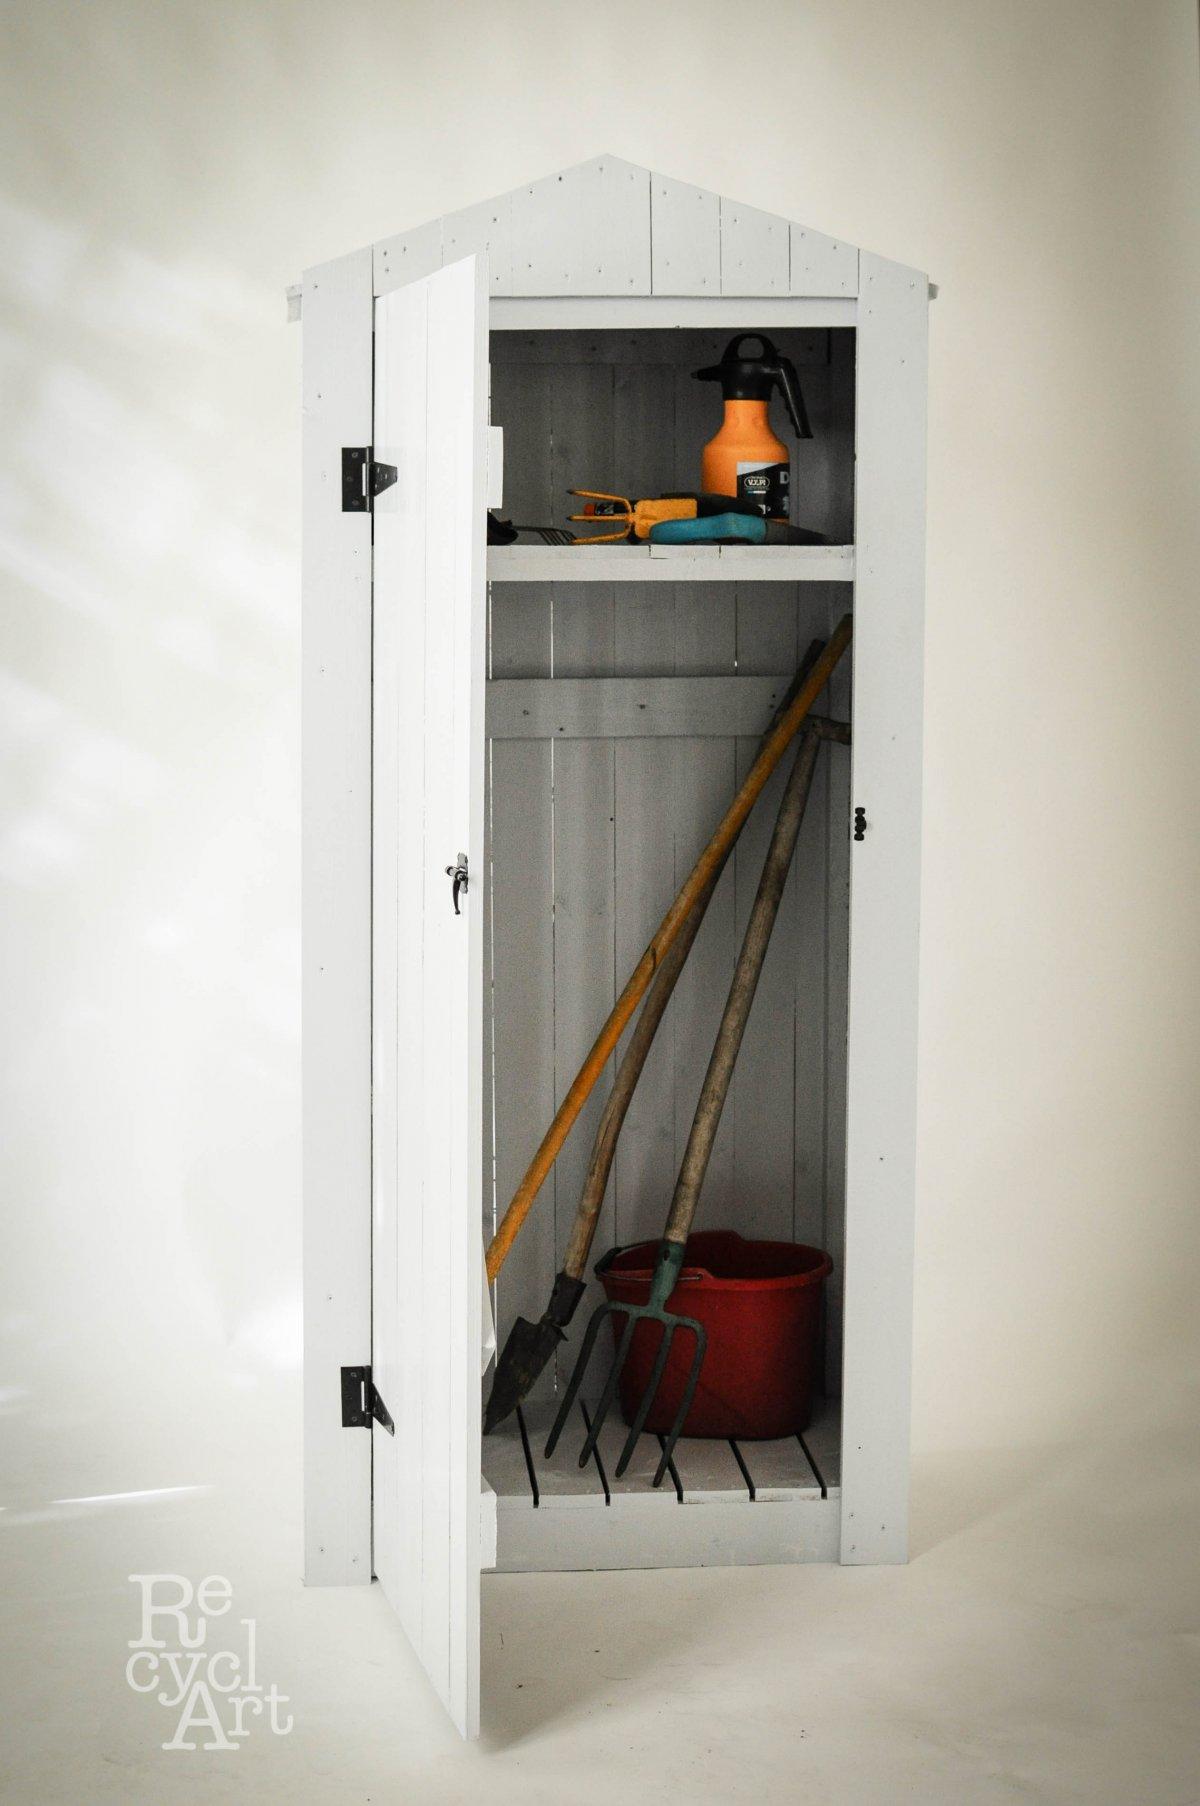 Fehérre festett szekrény. Ki mondaná meg, mi volt a funkciója eredetileg? •  Fotó: Recycl'Art